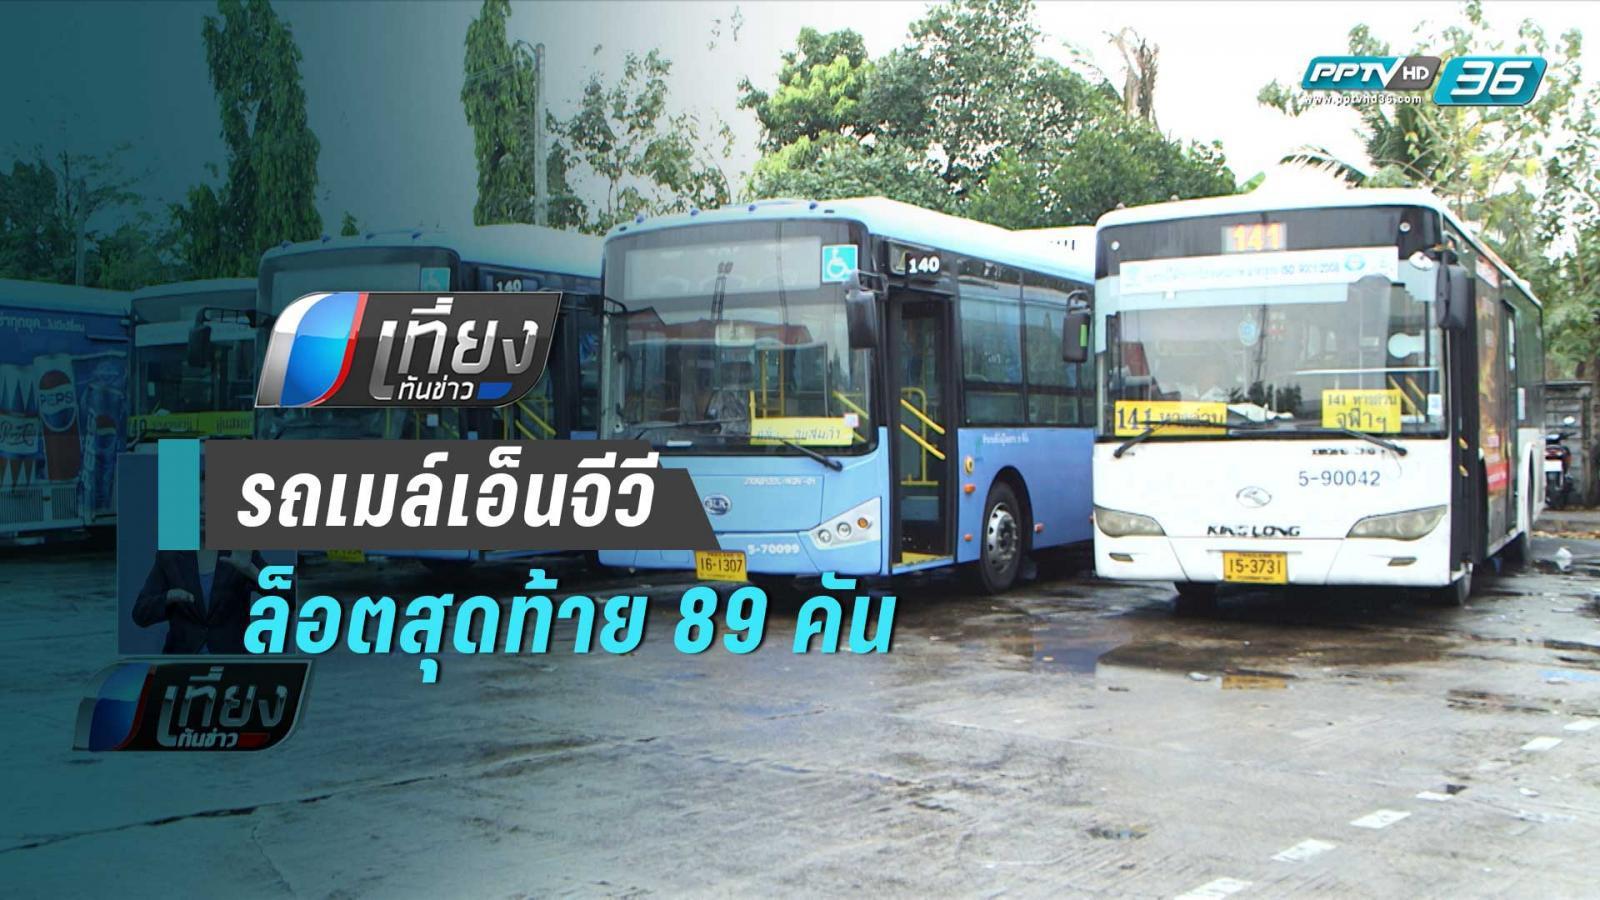 ปิดจ๊อบ! รถเมล์เอ็นจีวี 12 มี.ค.นี้ ล็อตสุดท้าย 89 คัน